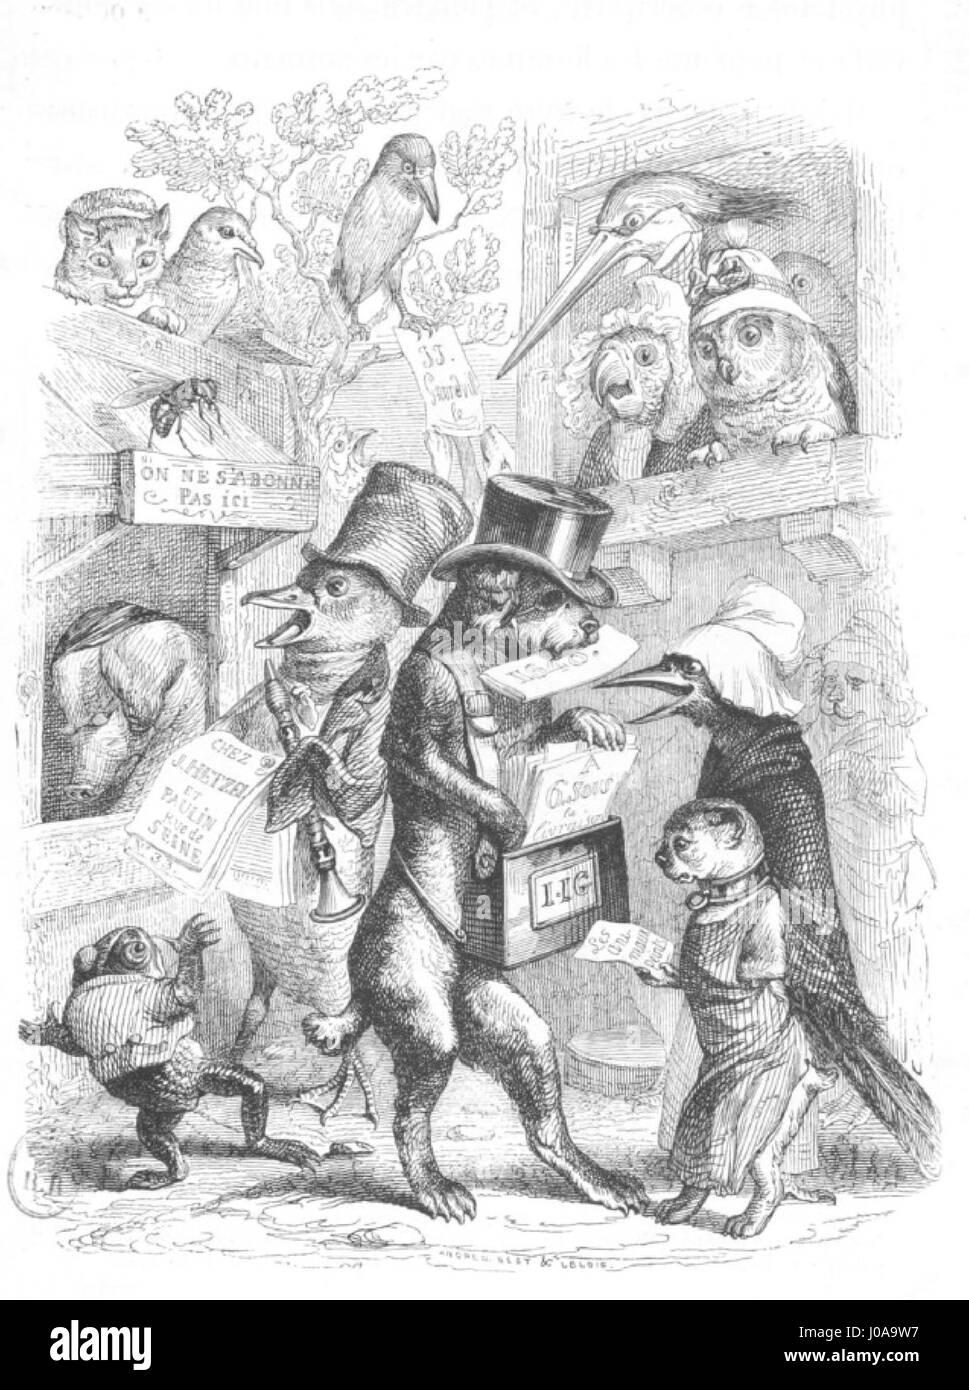 Scènes de la vie privée et publique des animaux, tome 1 0019 - Stock Image